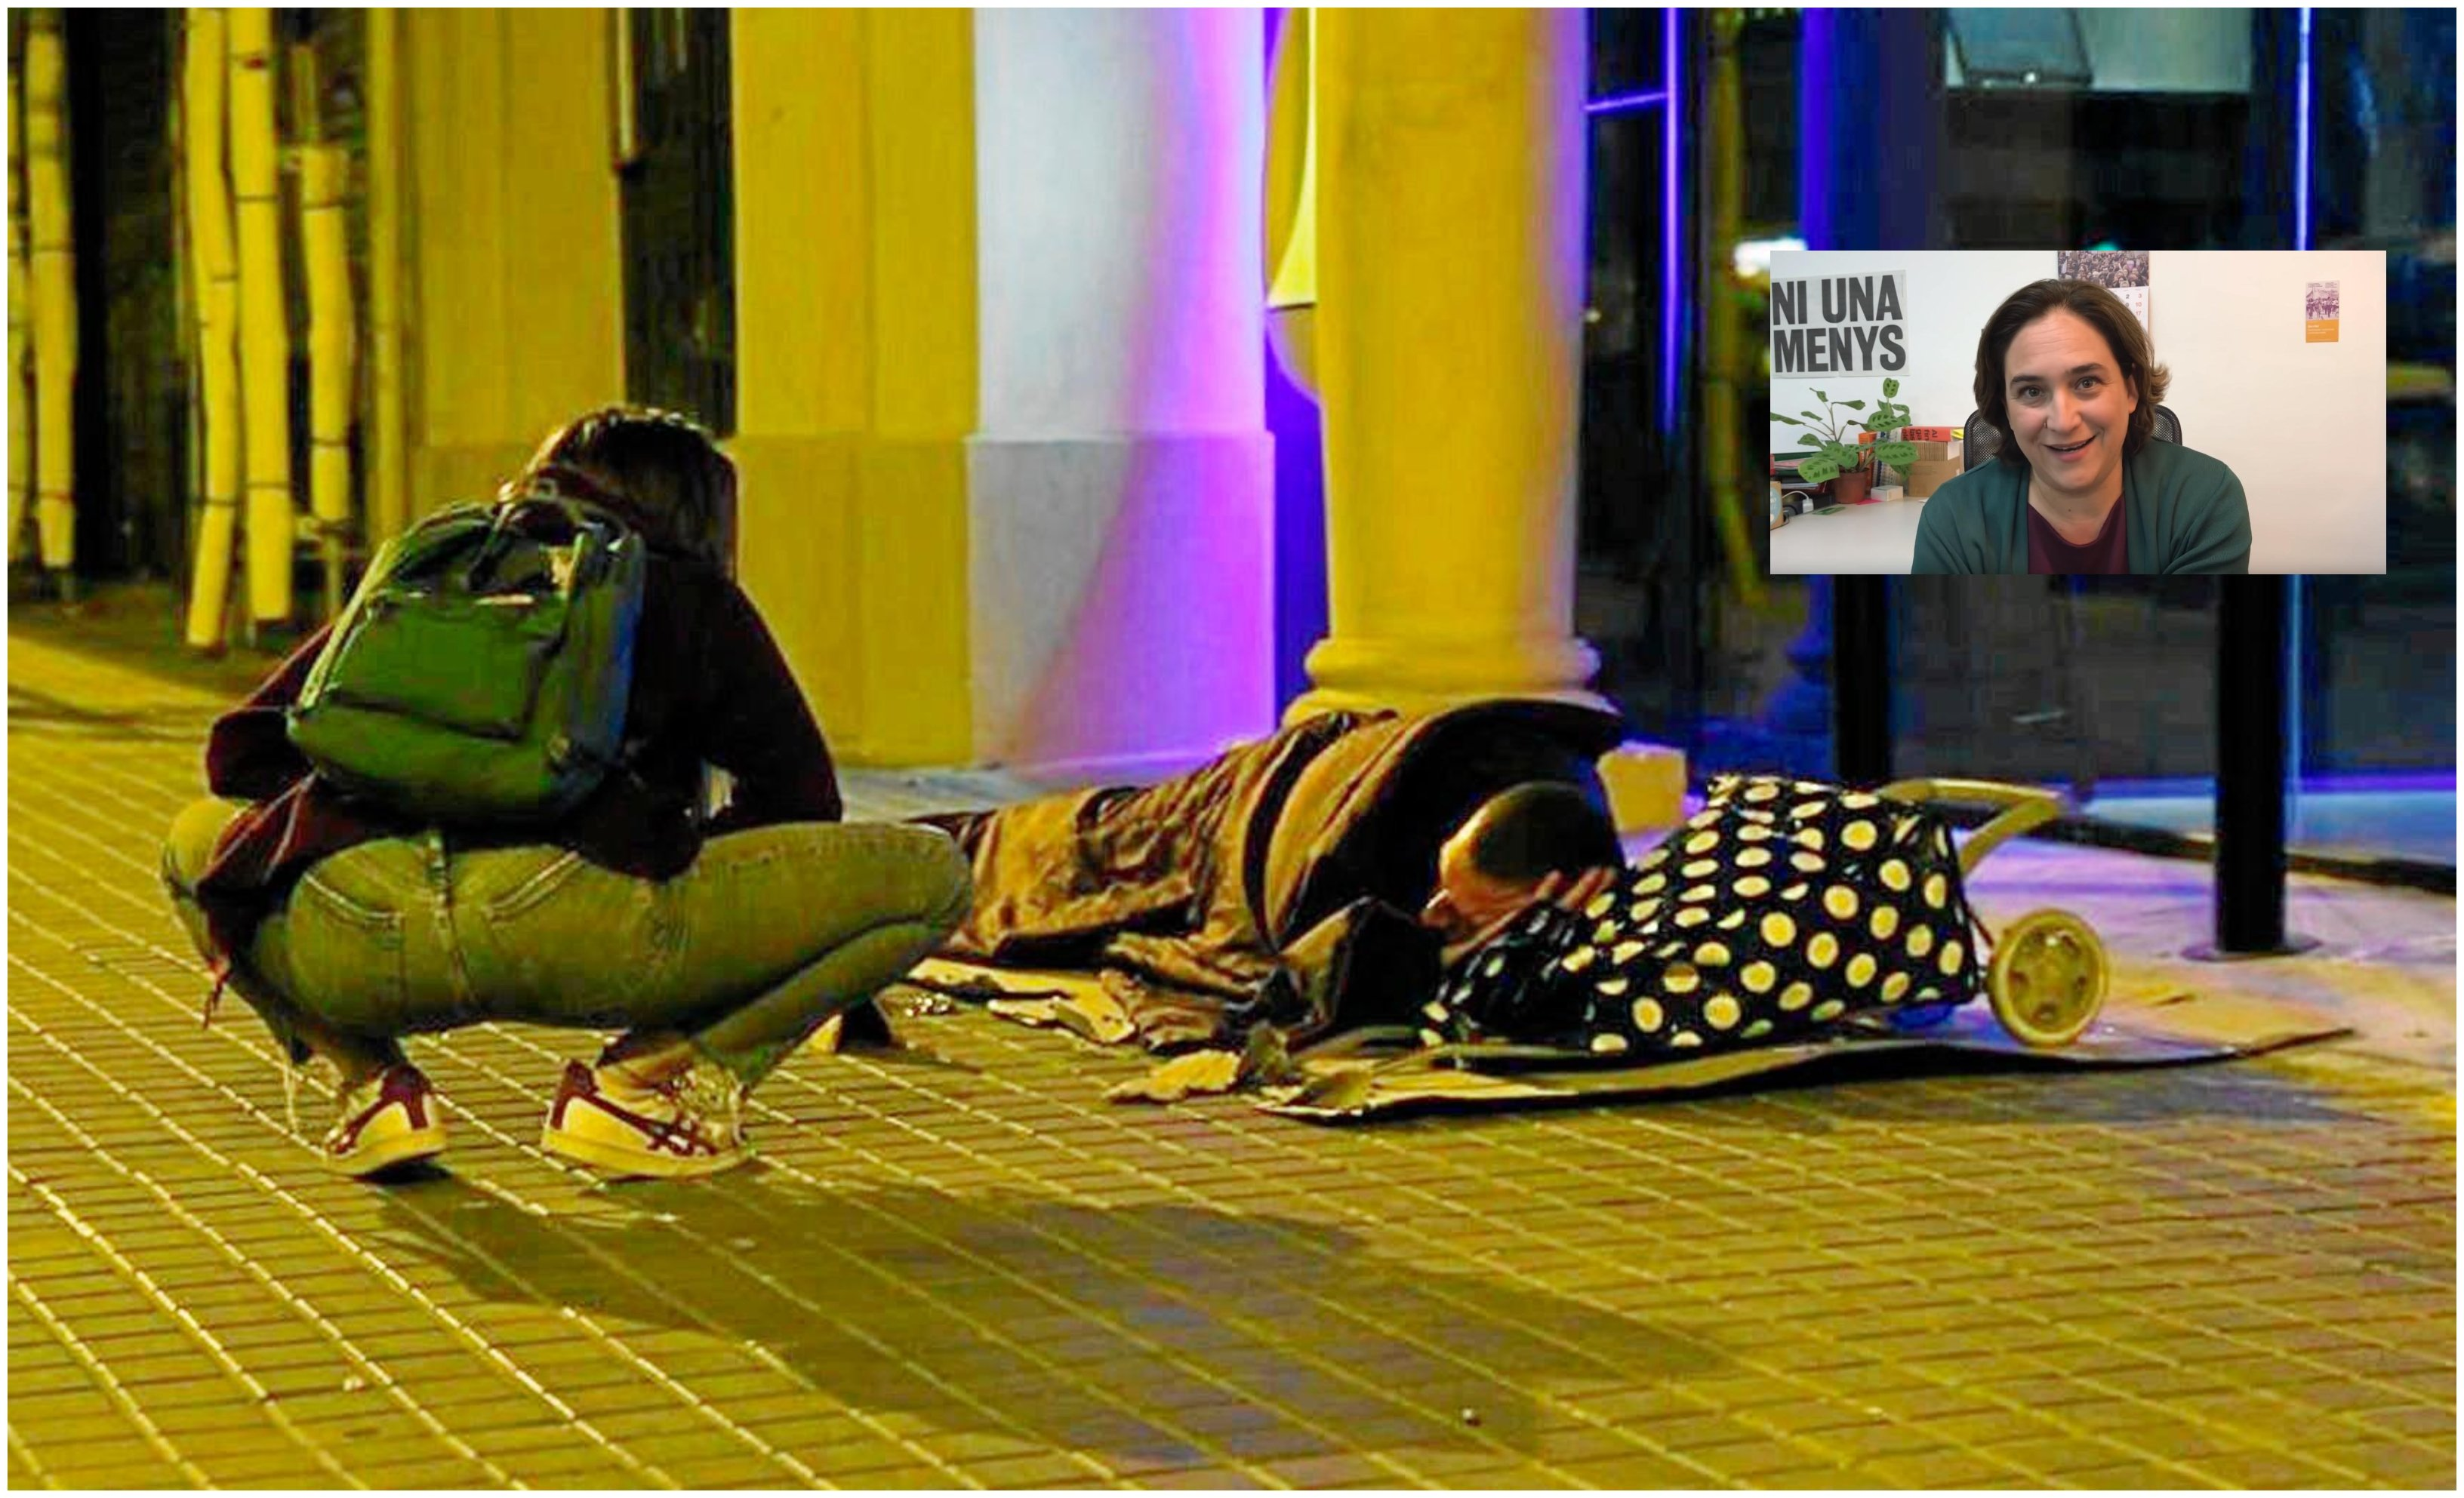 La alcaldesa de Barcelona gasta 600.000 € en un plan que discrimina a los hombres sin techo